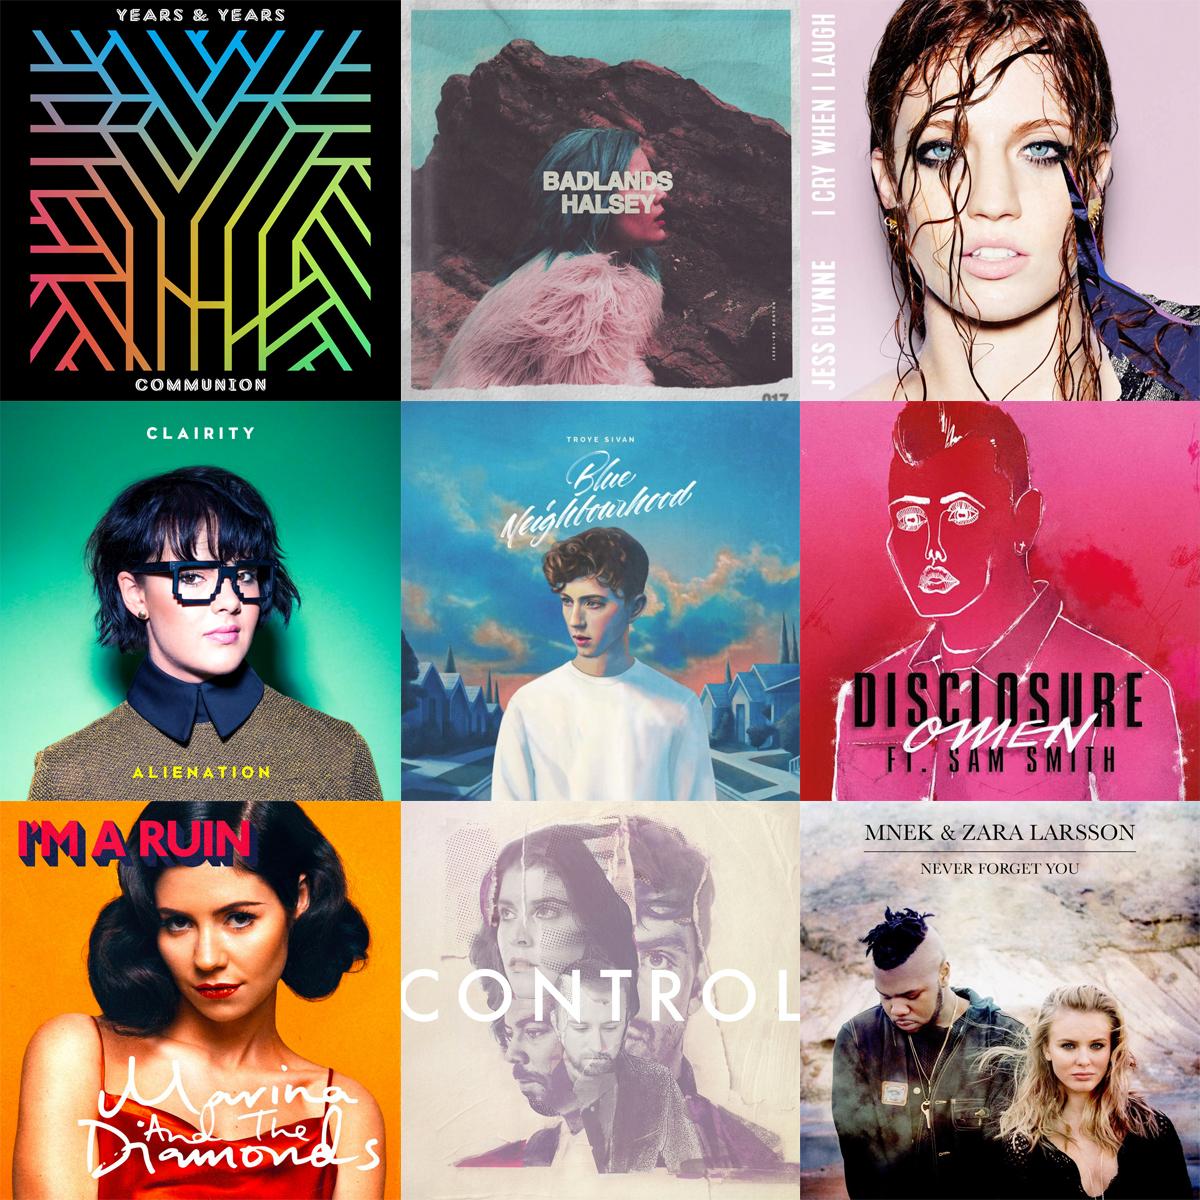 This is my 2015 best nine in music! Ossia le canzoni del 2015 che riascolterò volentieri anche nel nuovo anno.